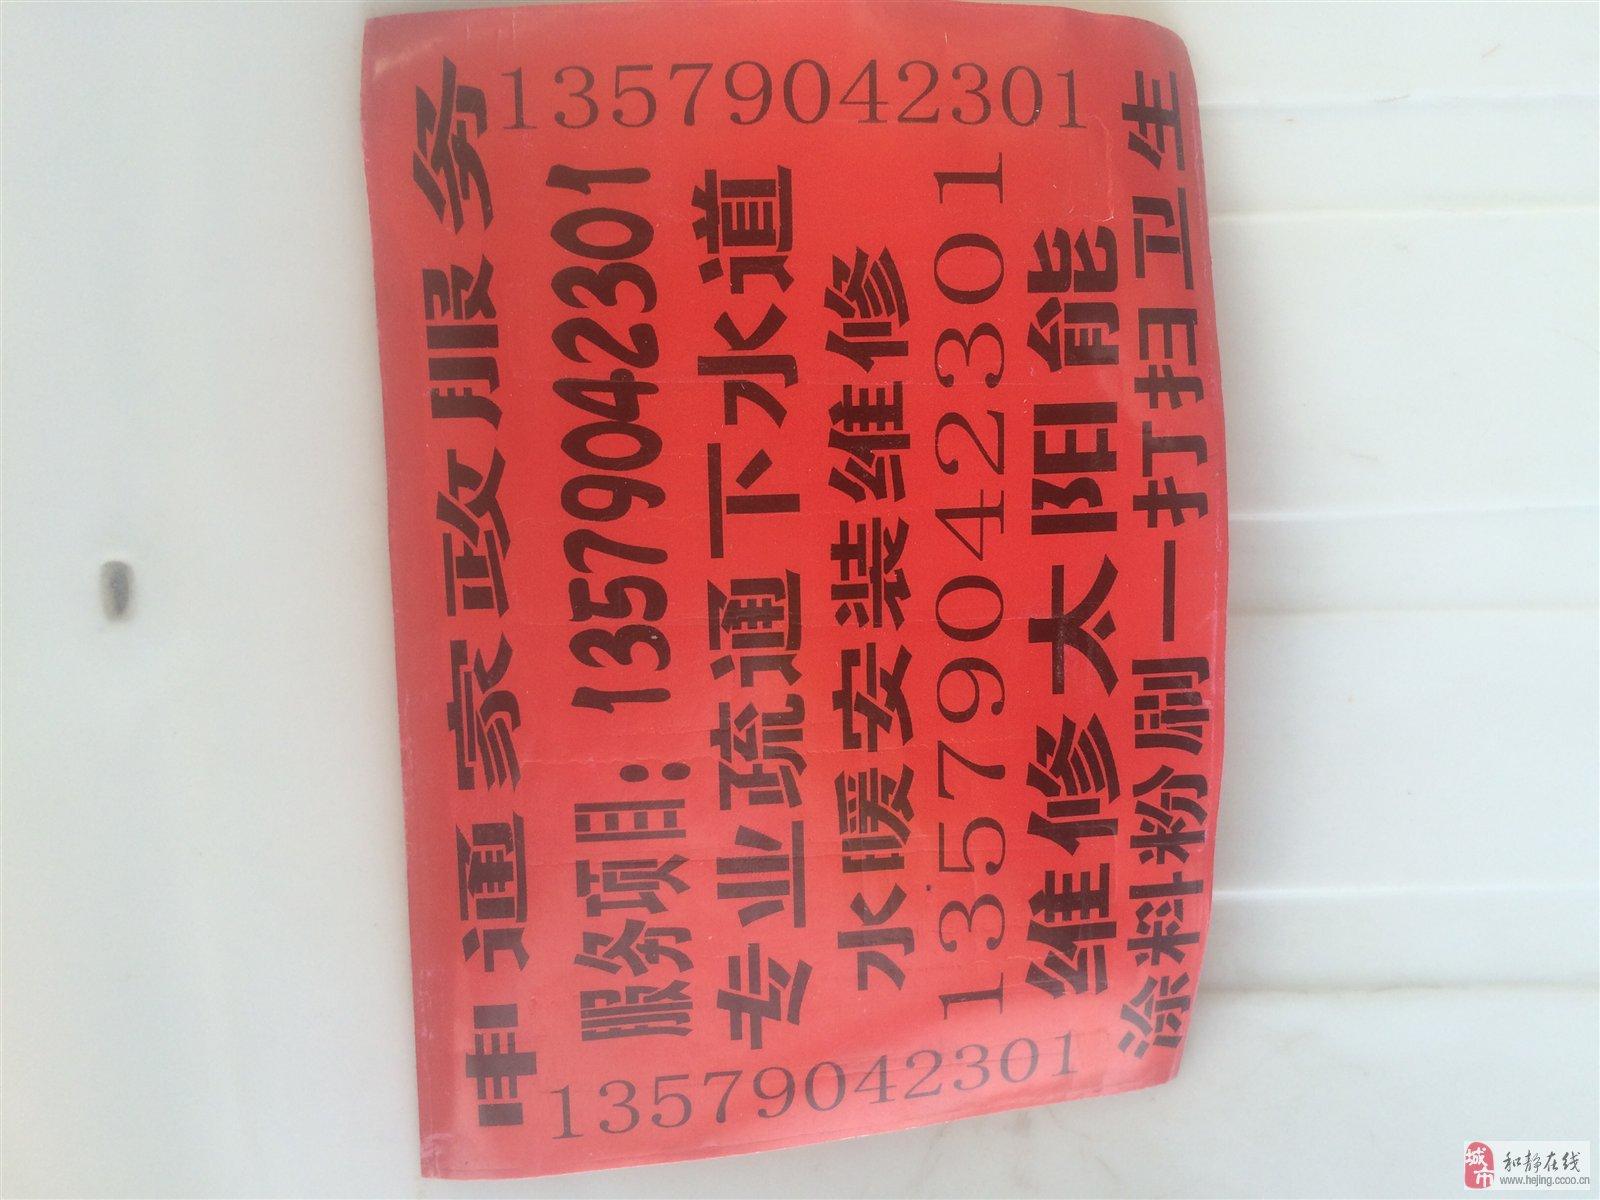 下水道疏通 马桶疏通  服务区域: 和静县城 详细地址: [石林路]和静